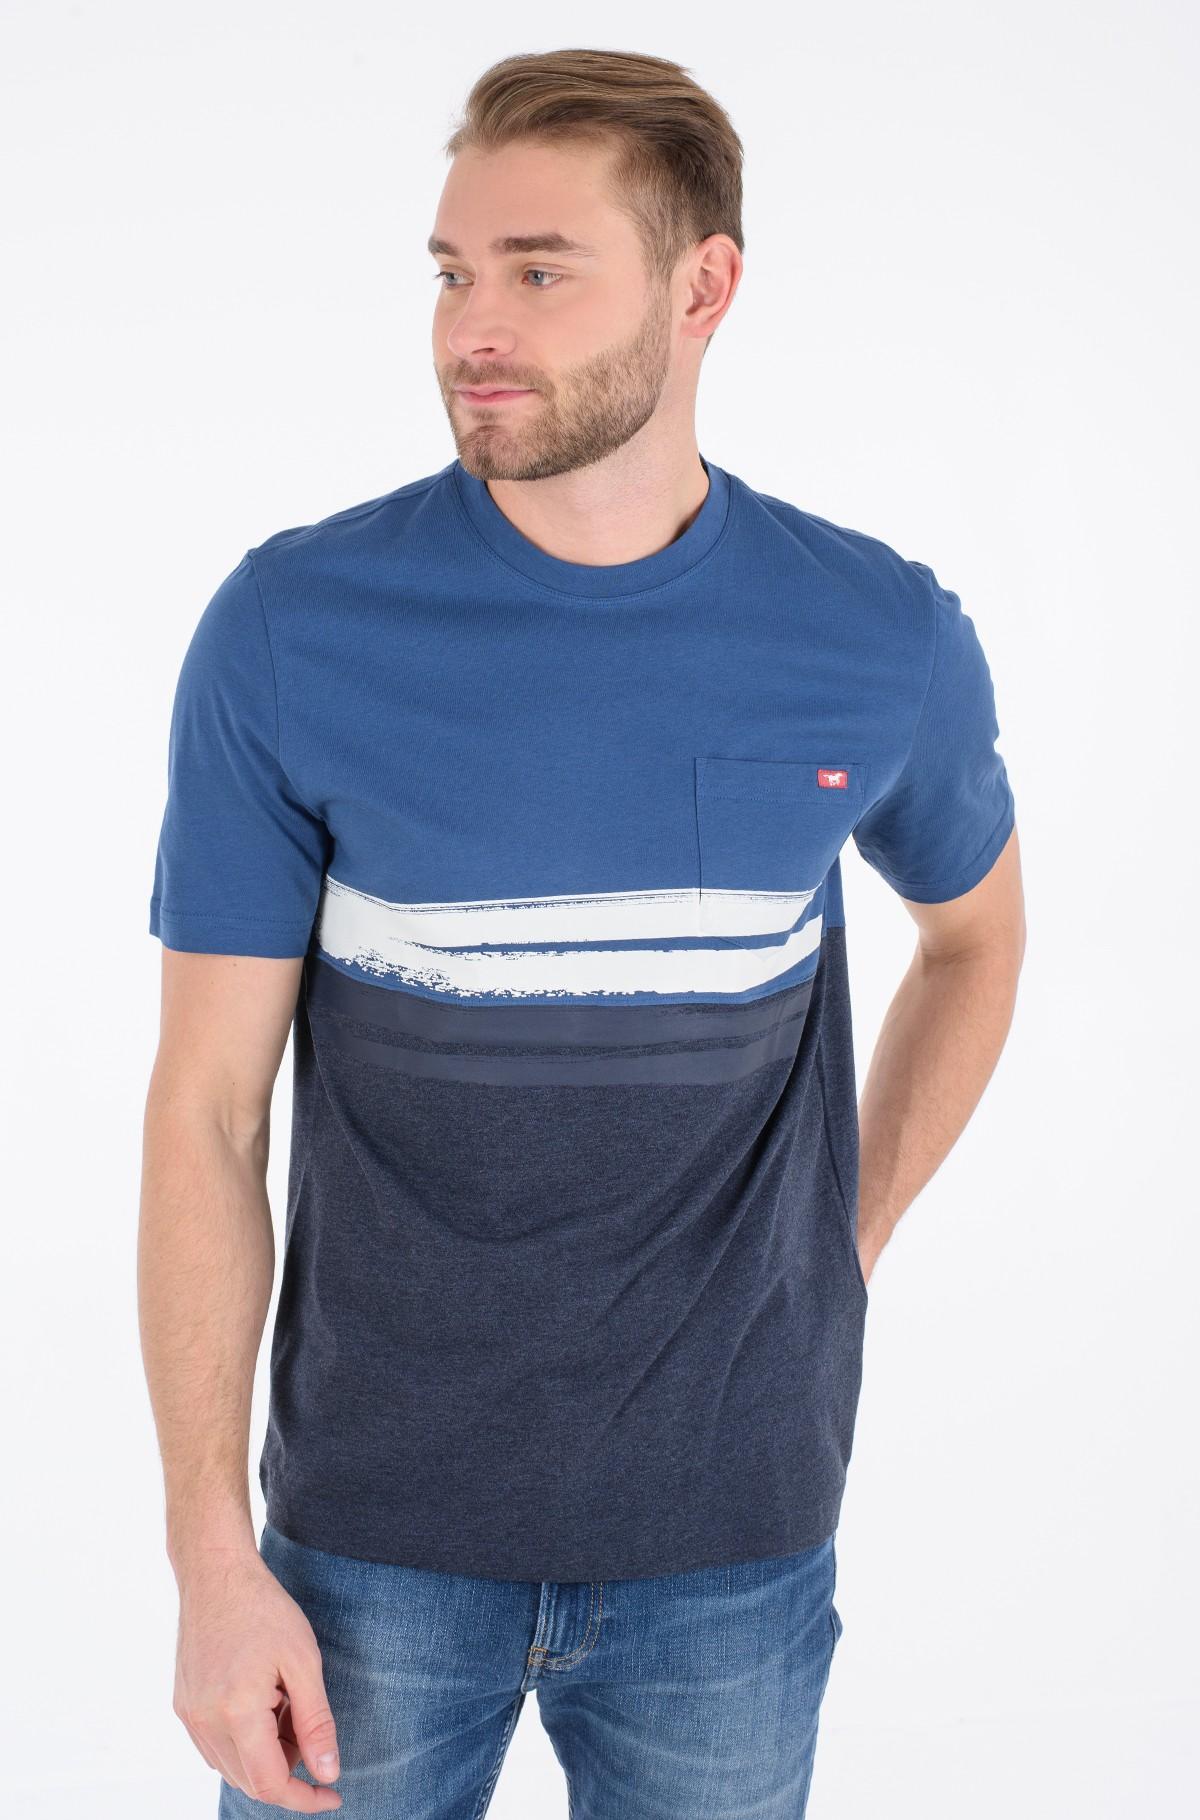 T-shirt 101-0681-full-1